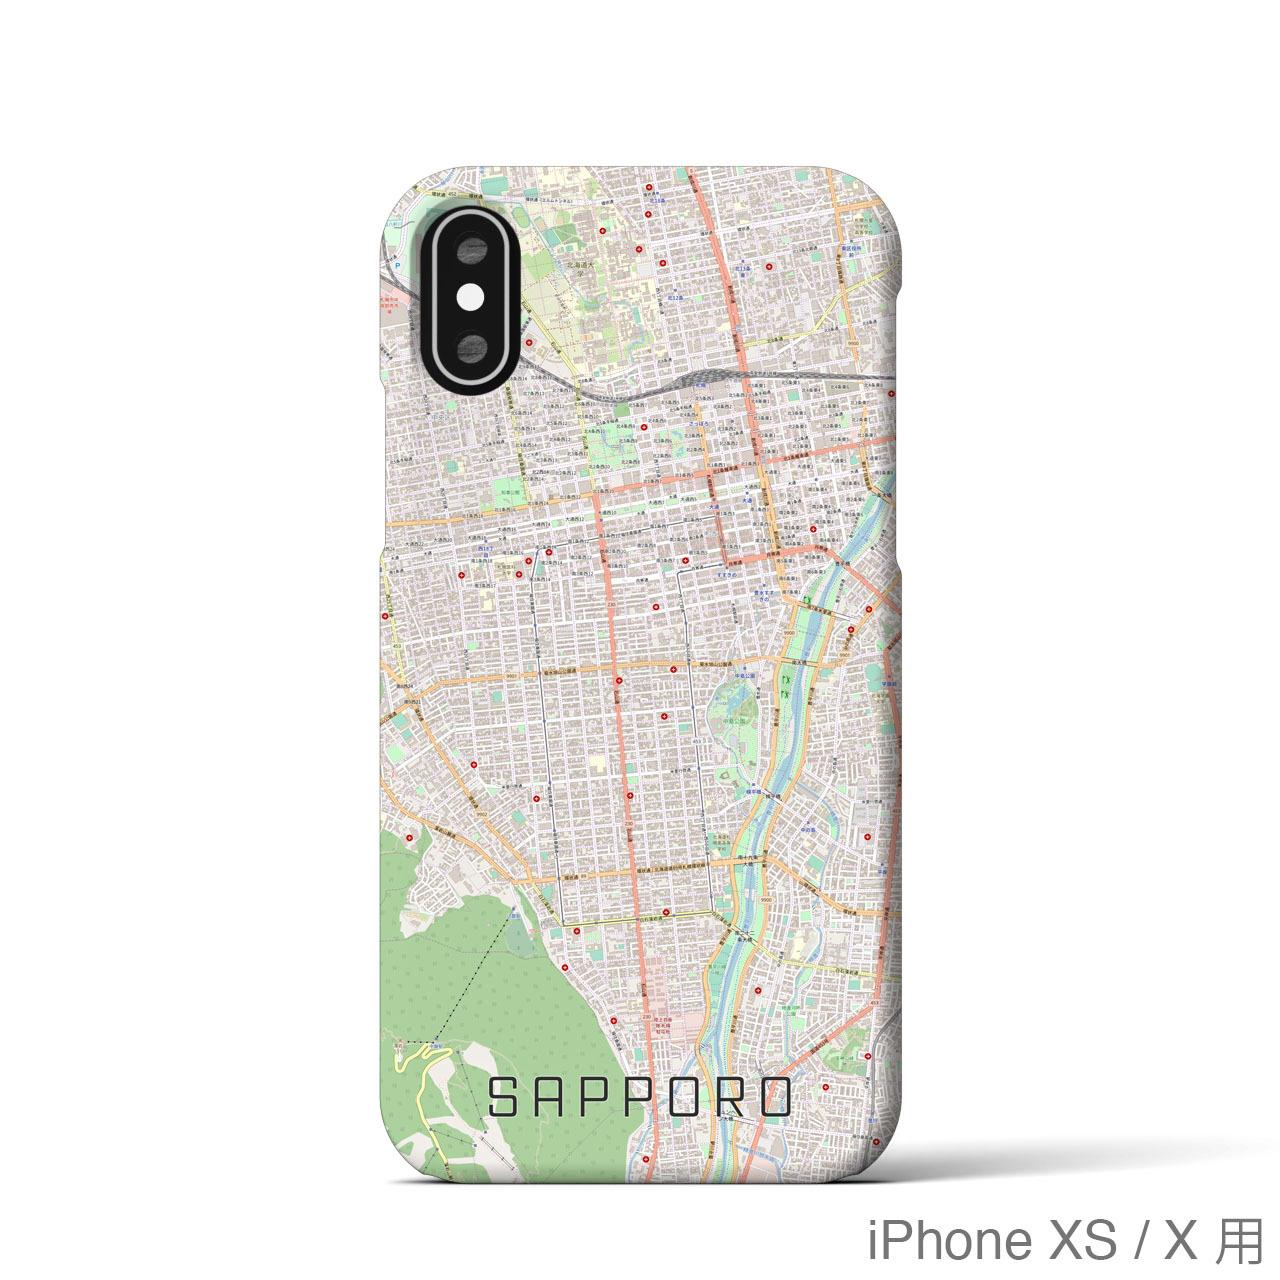 【札幌】地図柄iPhoneケース(バックカバータイプ・ナチュラル)